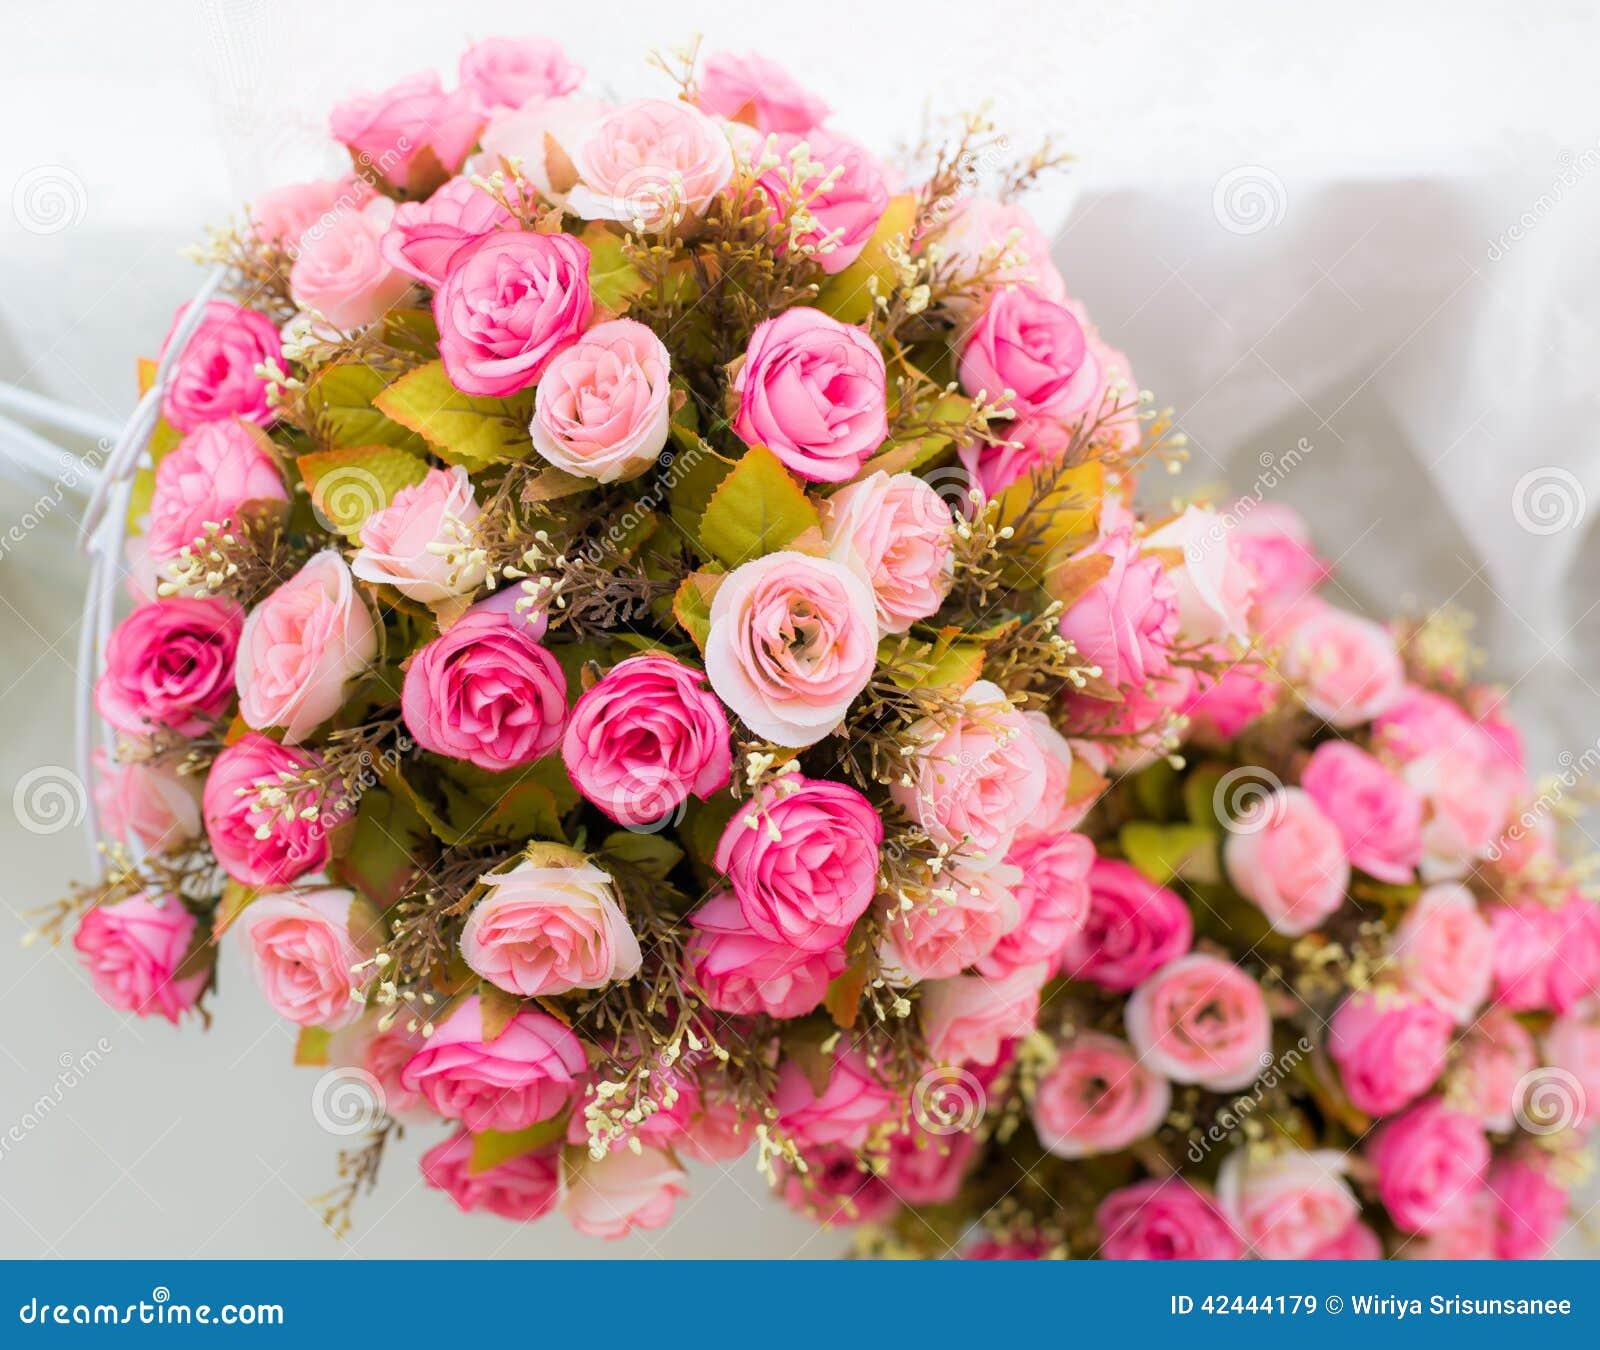 Fondo abstracto de flores